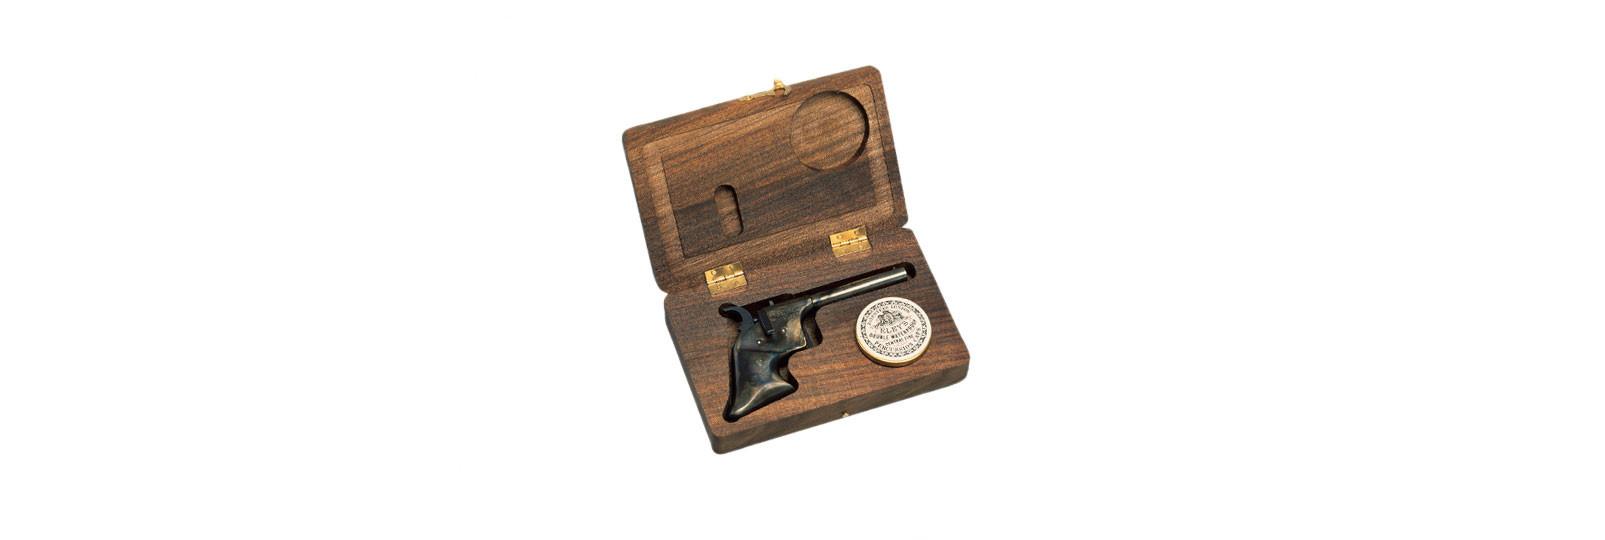 Derringer rider case hard. 4,5mm w/case